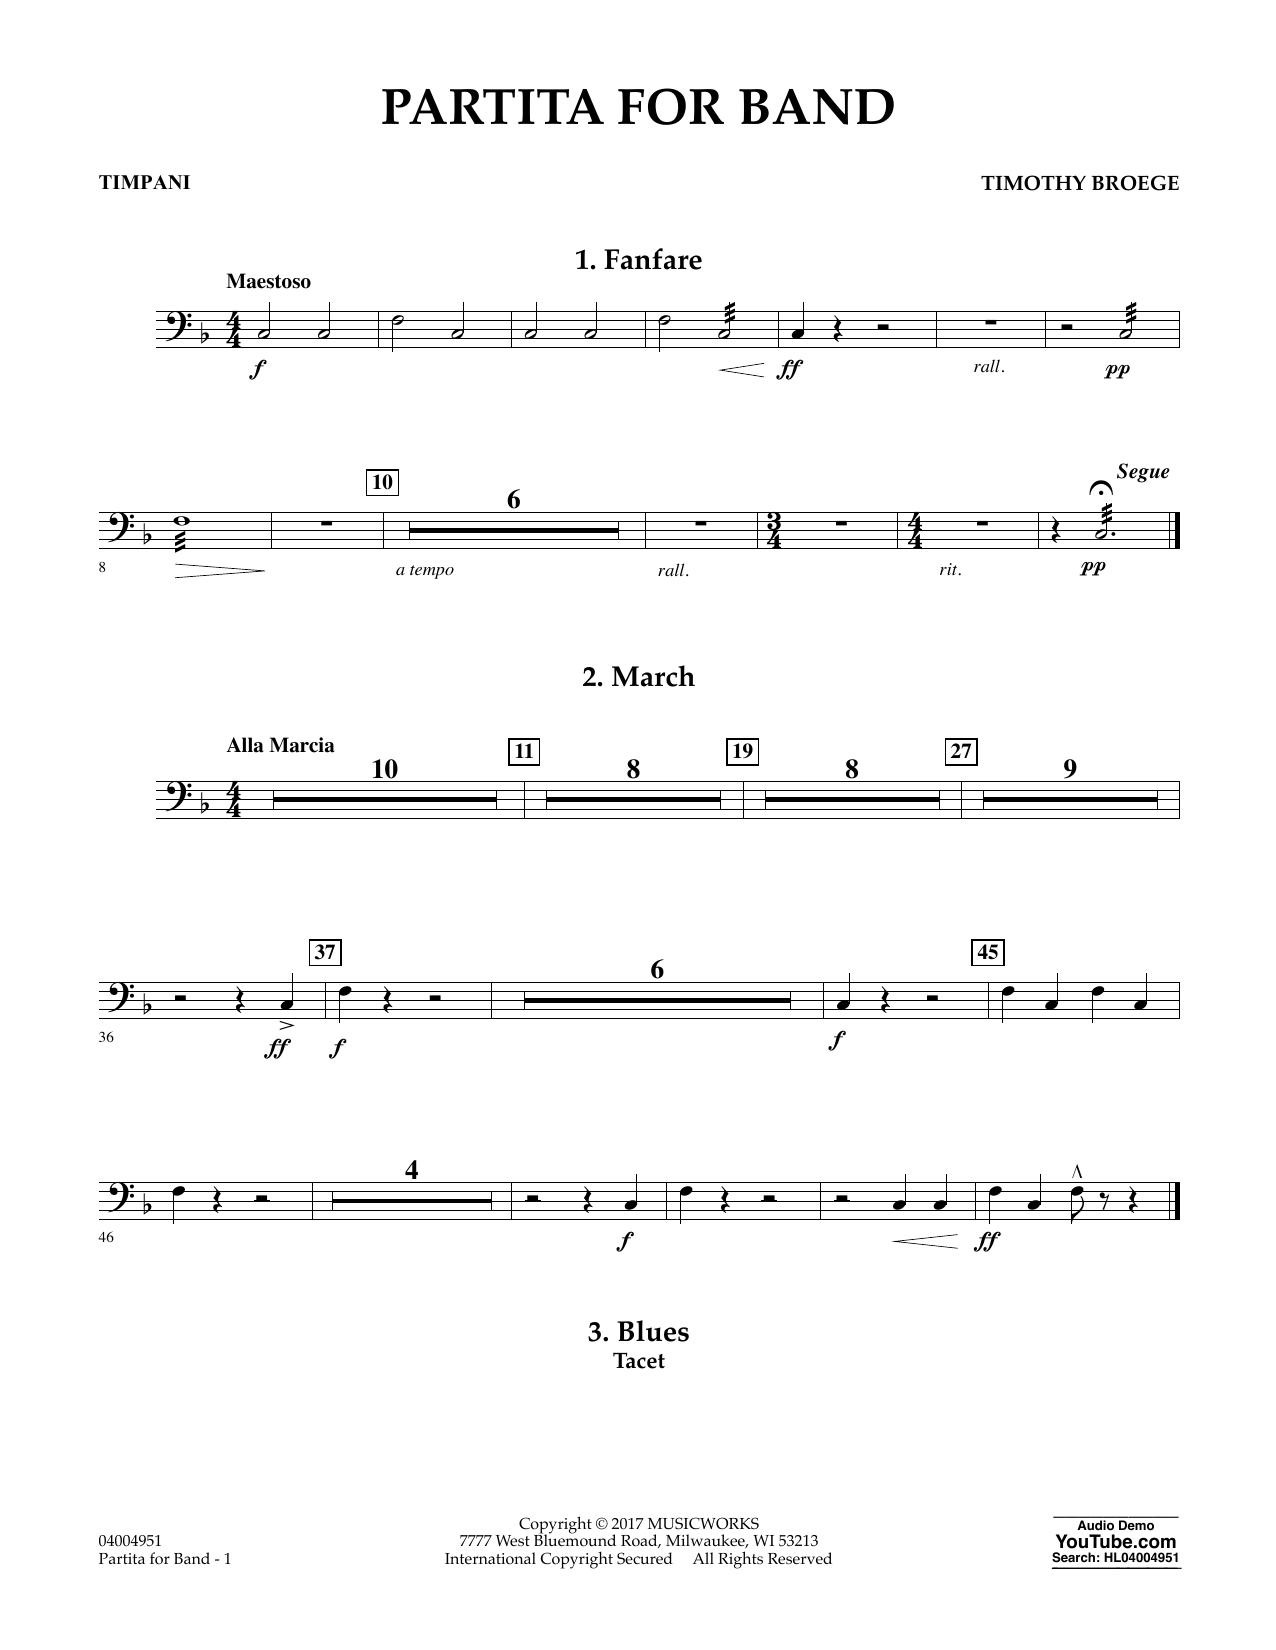 Partita for Band - Timpani Sheet Music